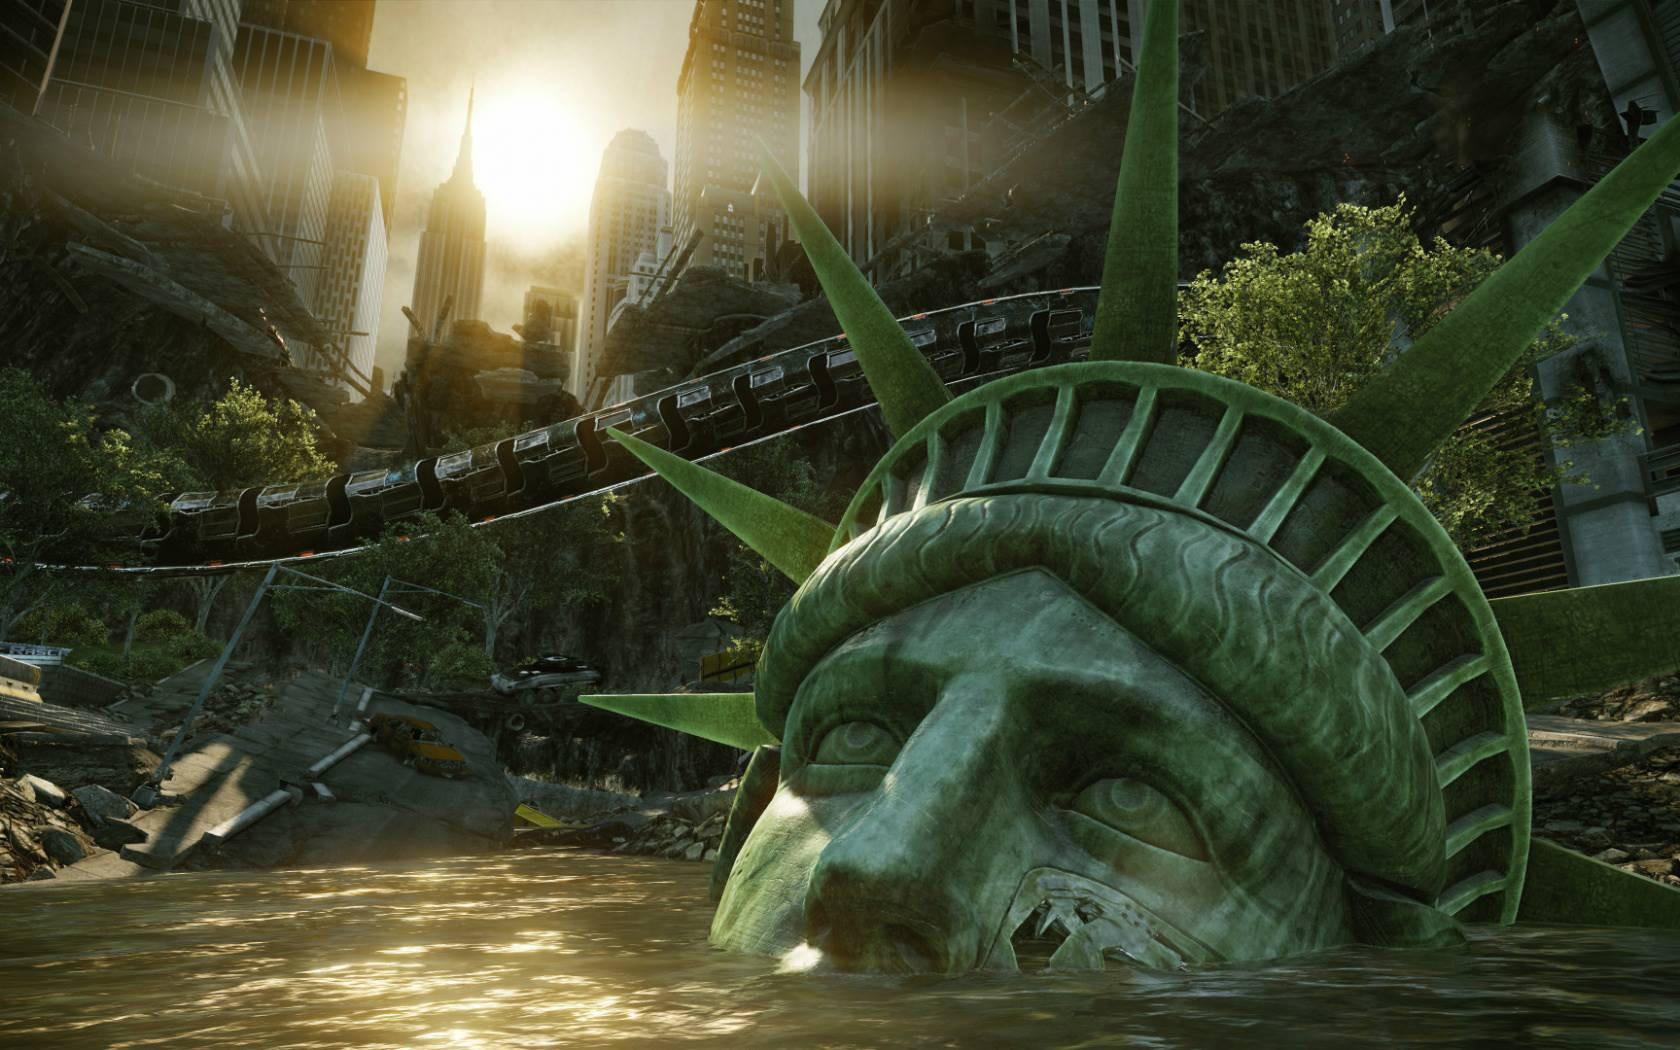 Ученые прогнозируют полное исчезновение города к2100 году— Утонувший Нью-Йорк